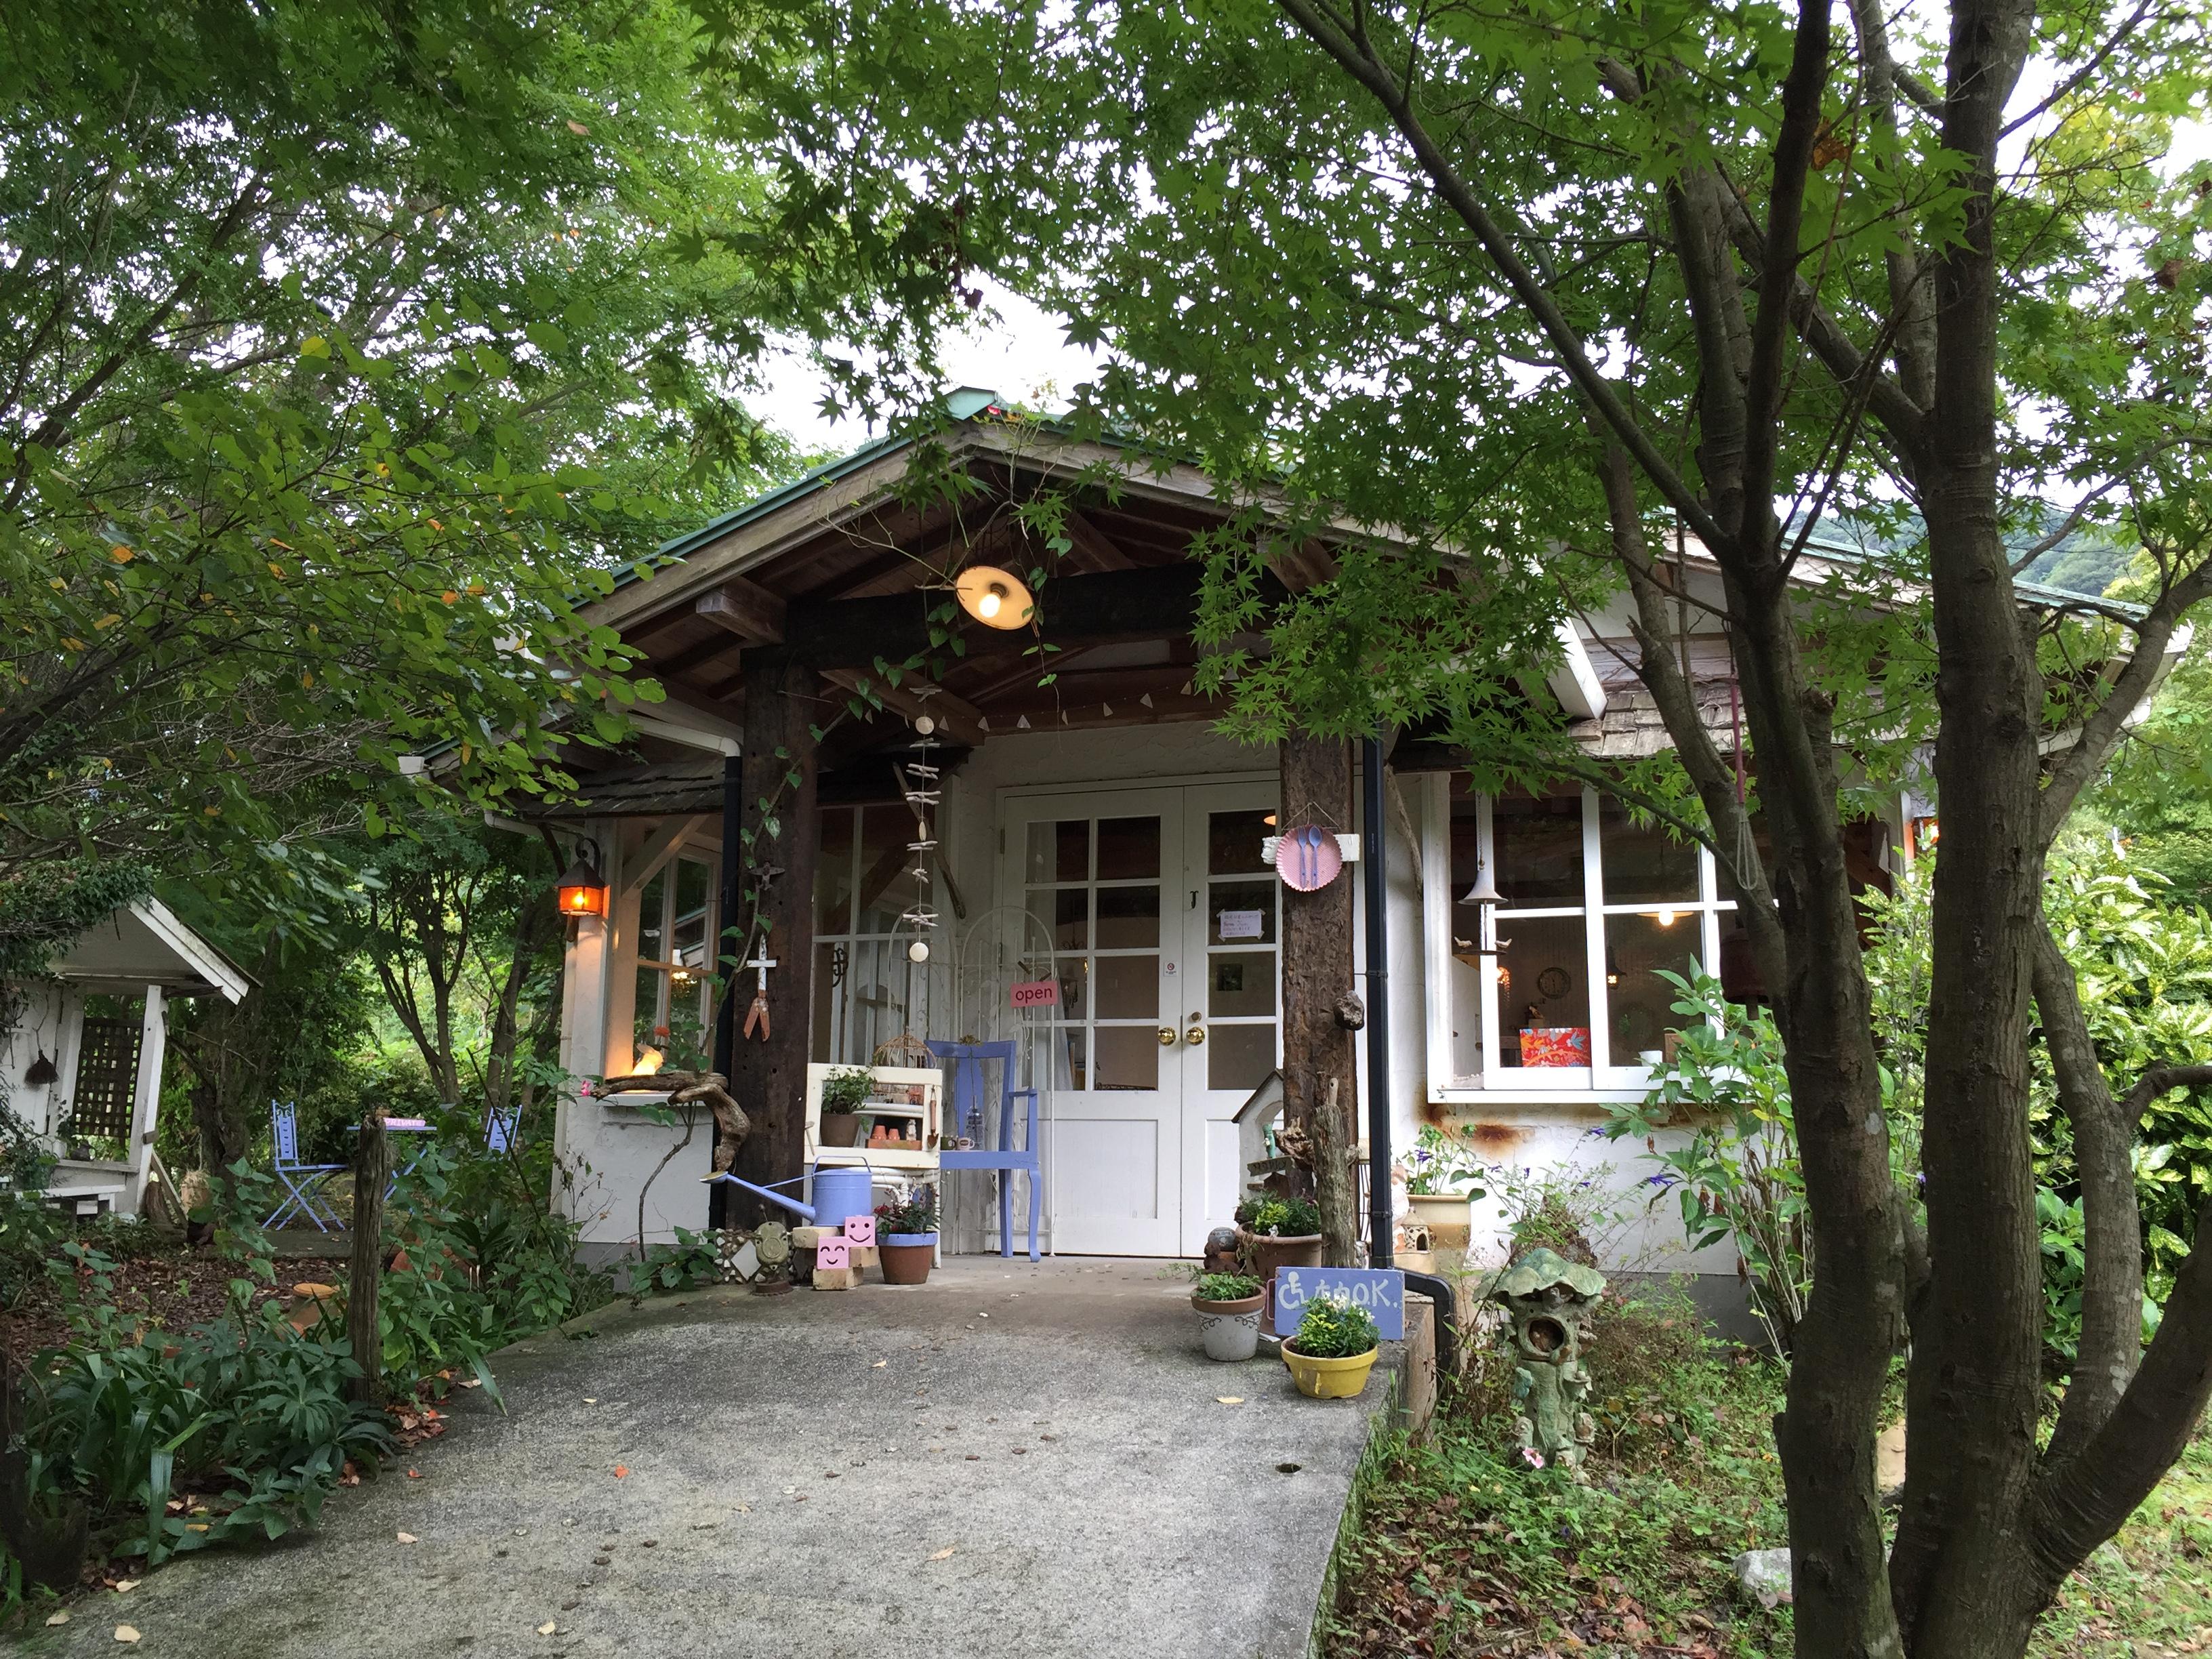 【ボワジョリ】南阿蘇のほほんカフェ@おとぎ話の様な店